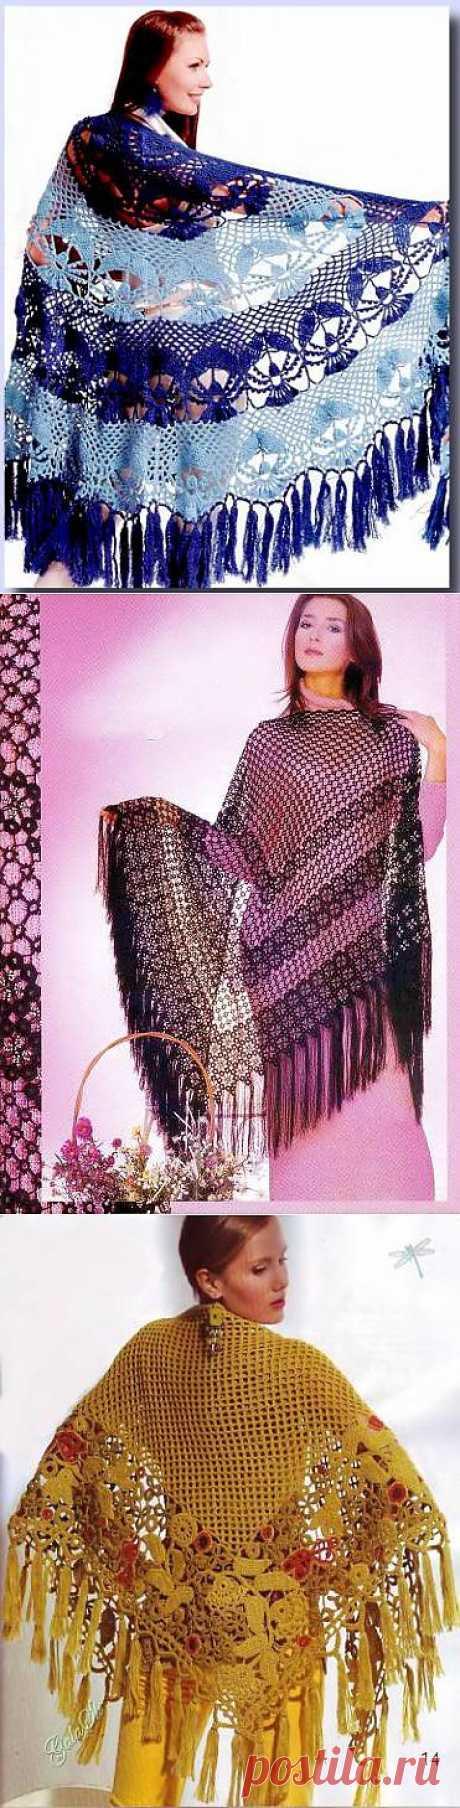 Схемы вязания шали - Схемы для вязания - Уроки вязания крючком - Вязание крючком, мотивы, схемы для вязания крючком